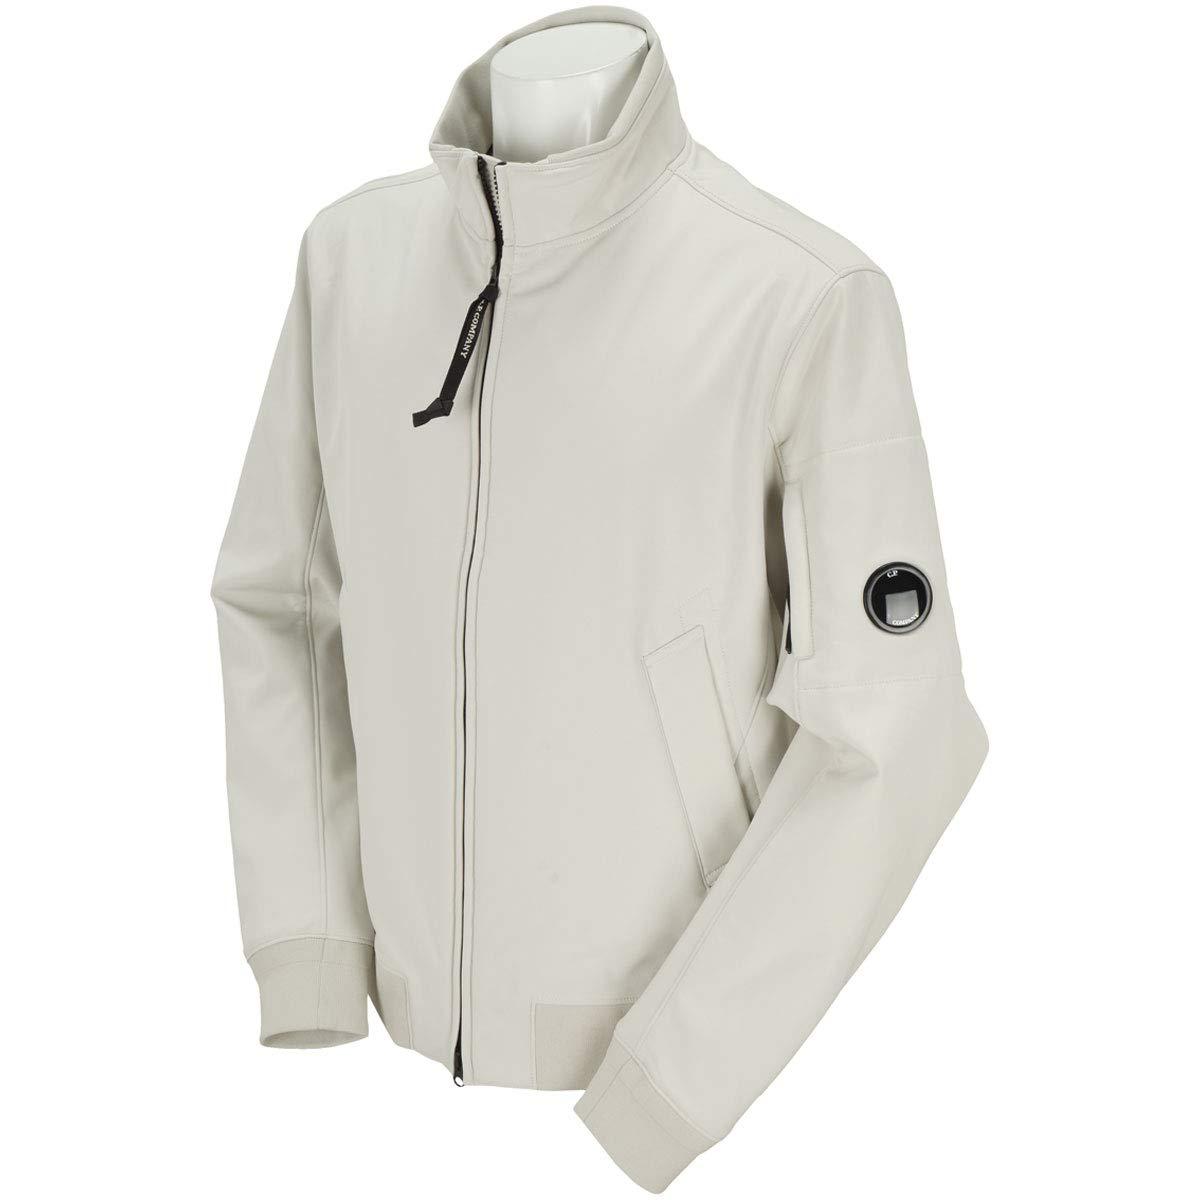 シーピーカンパニー C.P.COMPANY アウター(ブルゾン、ウインド、ジャケット) ジップアップスタンドネックブルゾン 52 ホワイト B07HWMQRDF